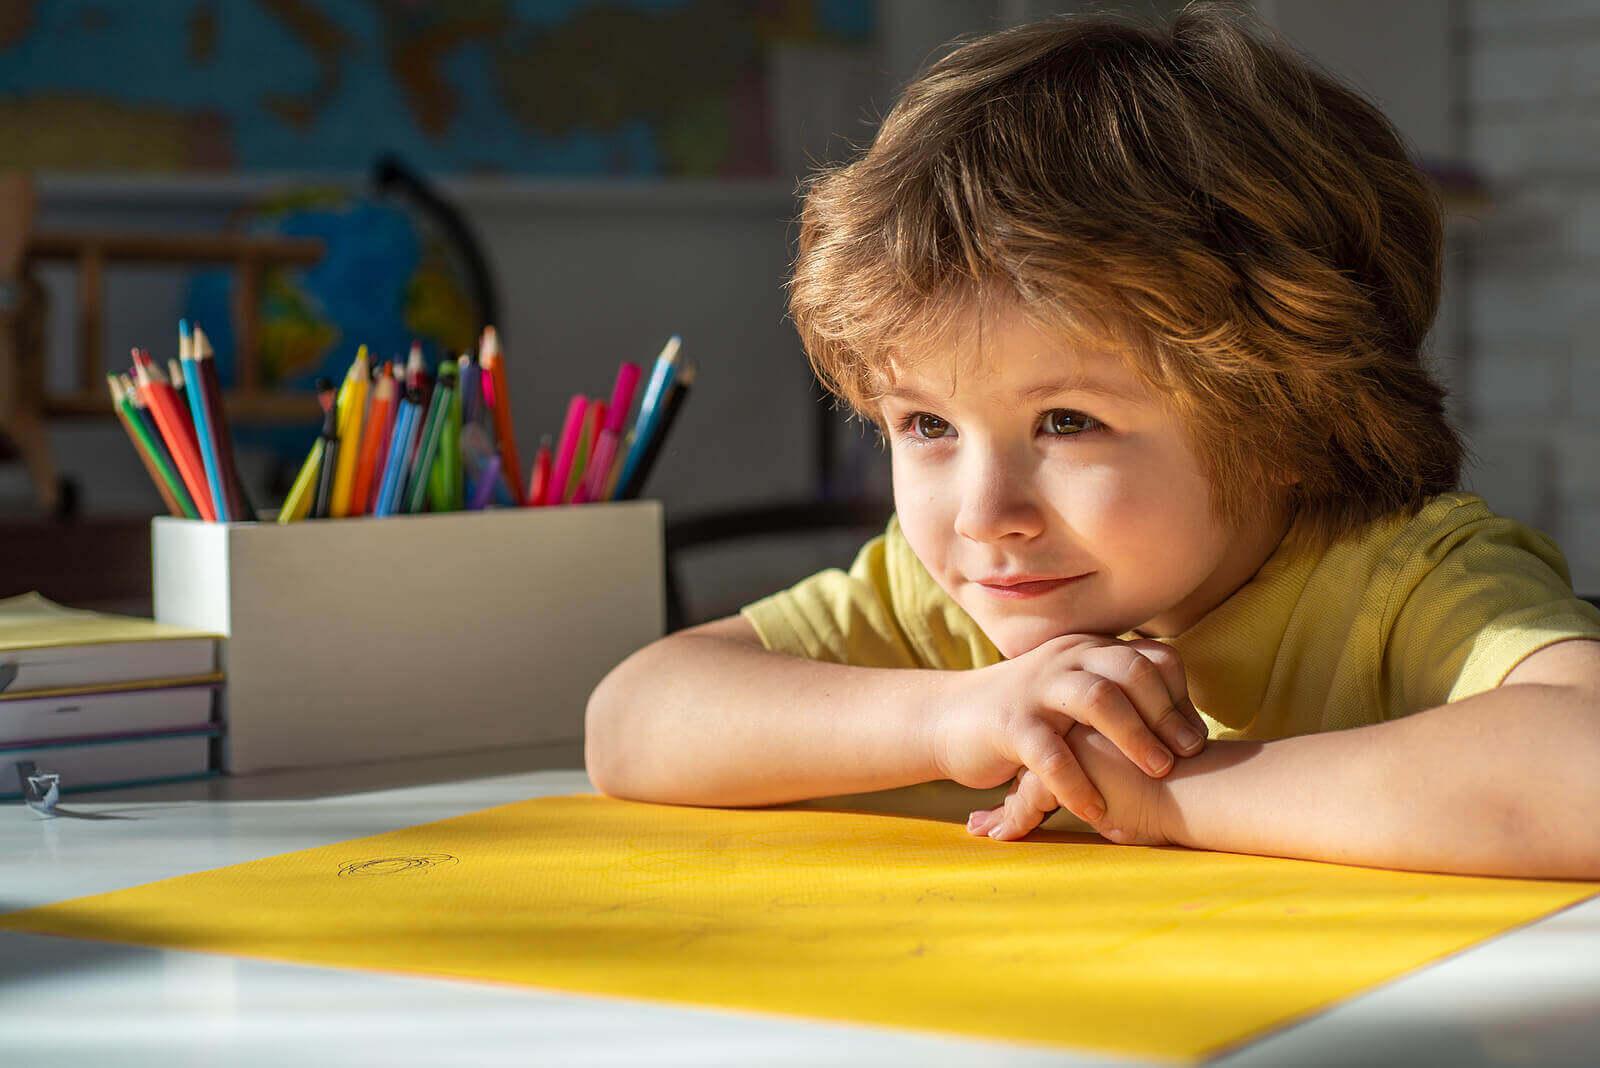 Hyvät opiskelutottumukset kehittävät tärkeitä arvoja, kuten vastuullisuutta ja sinnikkyyttä